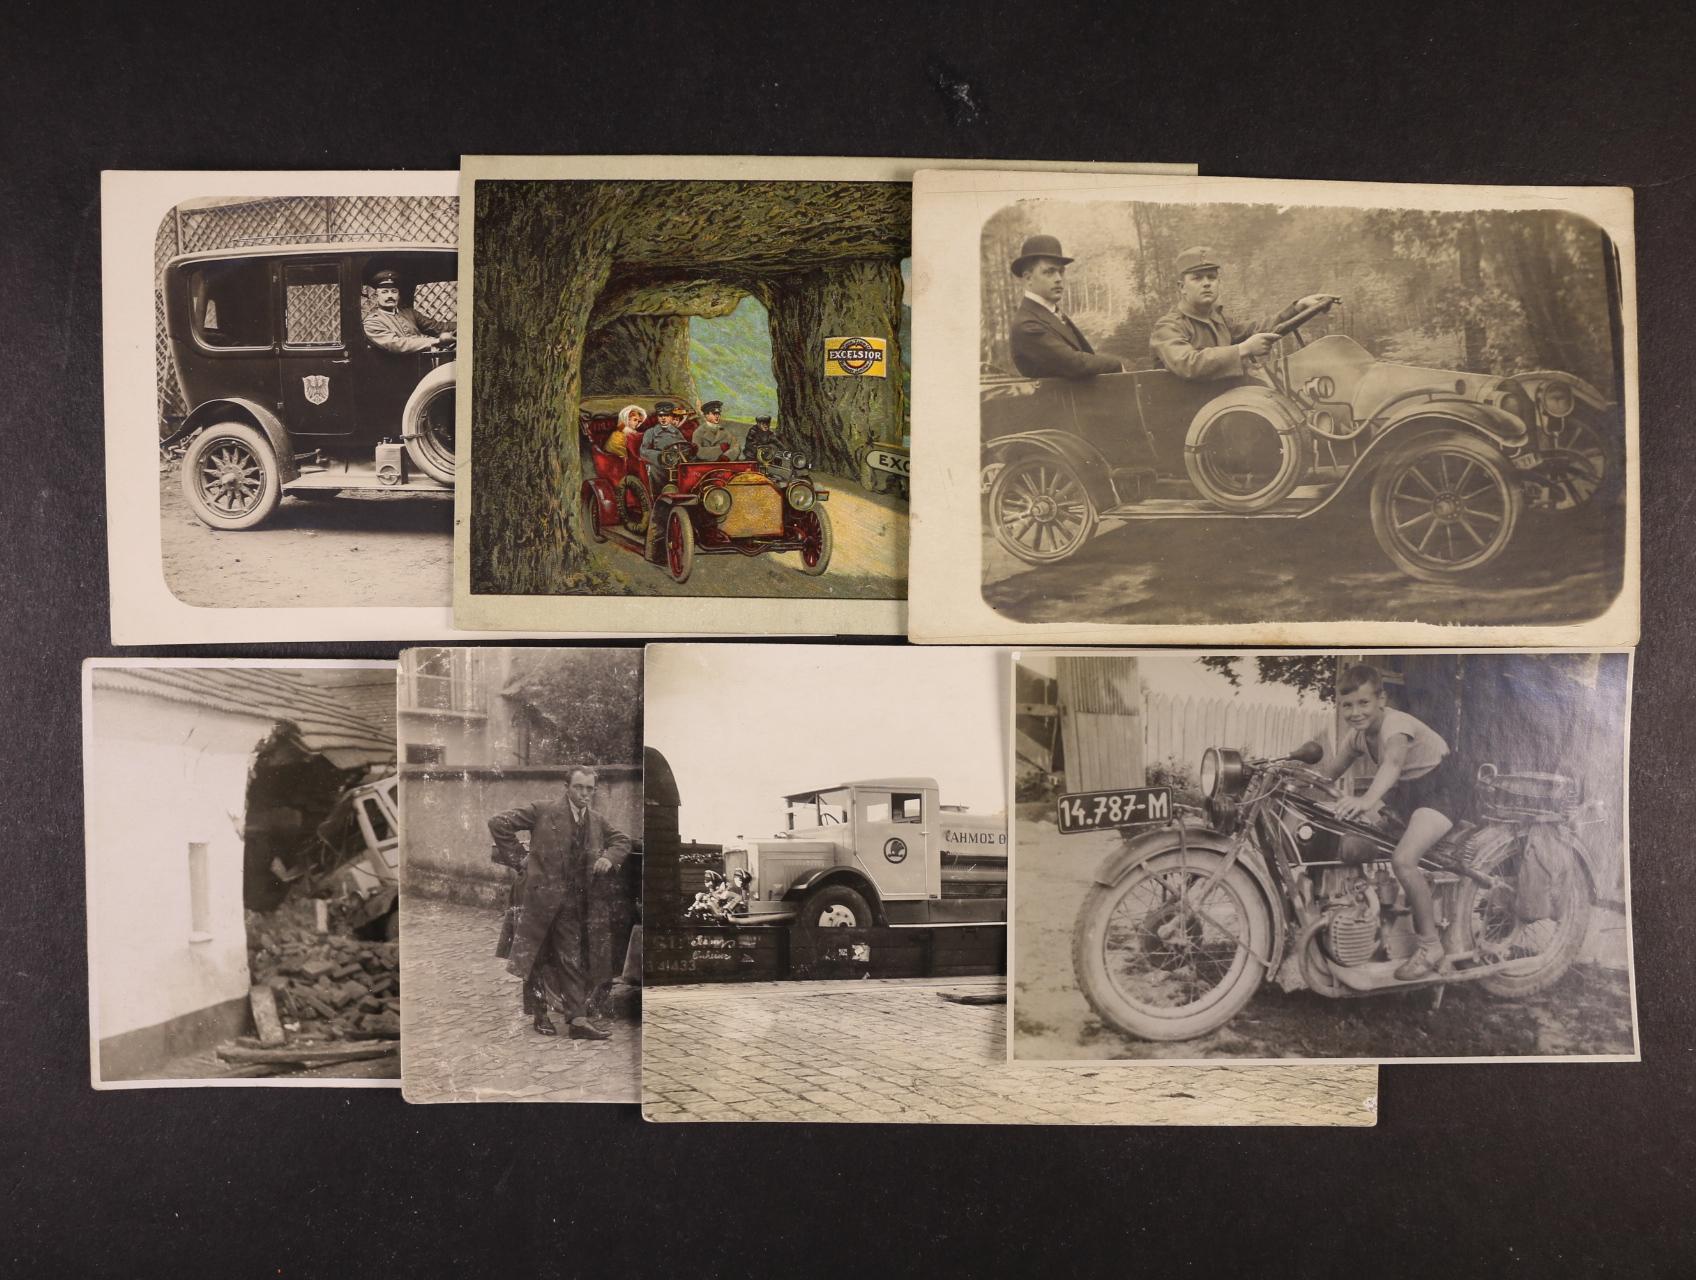 Motorismus - sestava 36 ks pohlednic, fotopohlednic i fotografí, bar. i jednobar., auta, motocykly, z let 1910 - 60, použité i nepoužité, zajímavá sestava